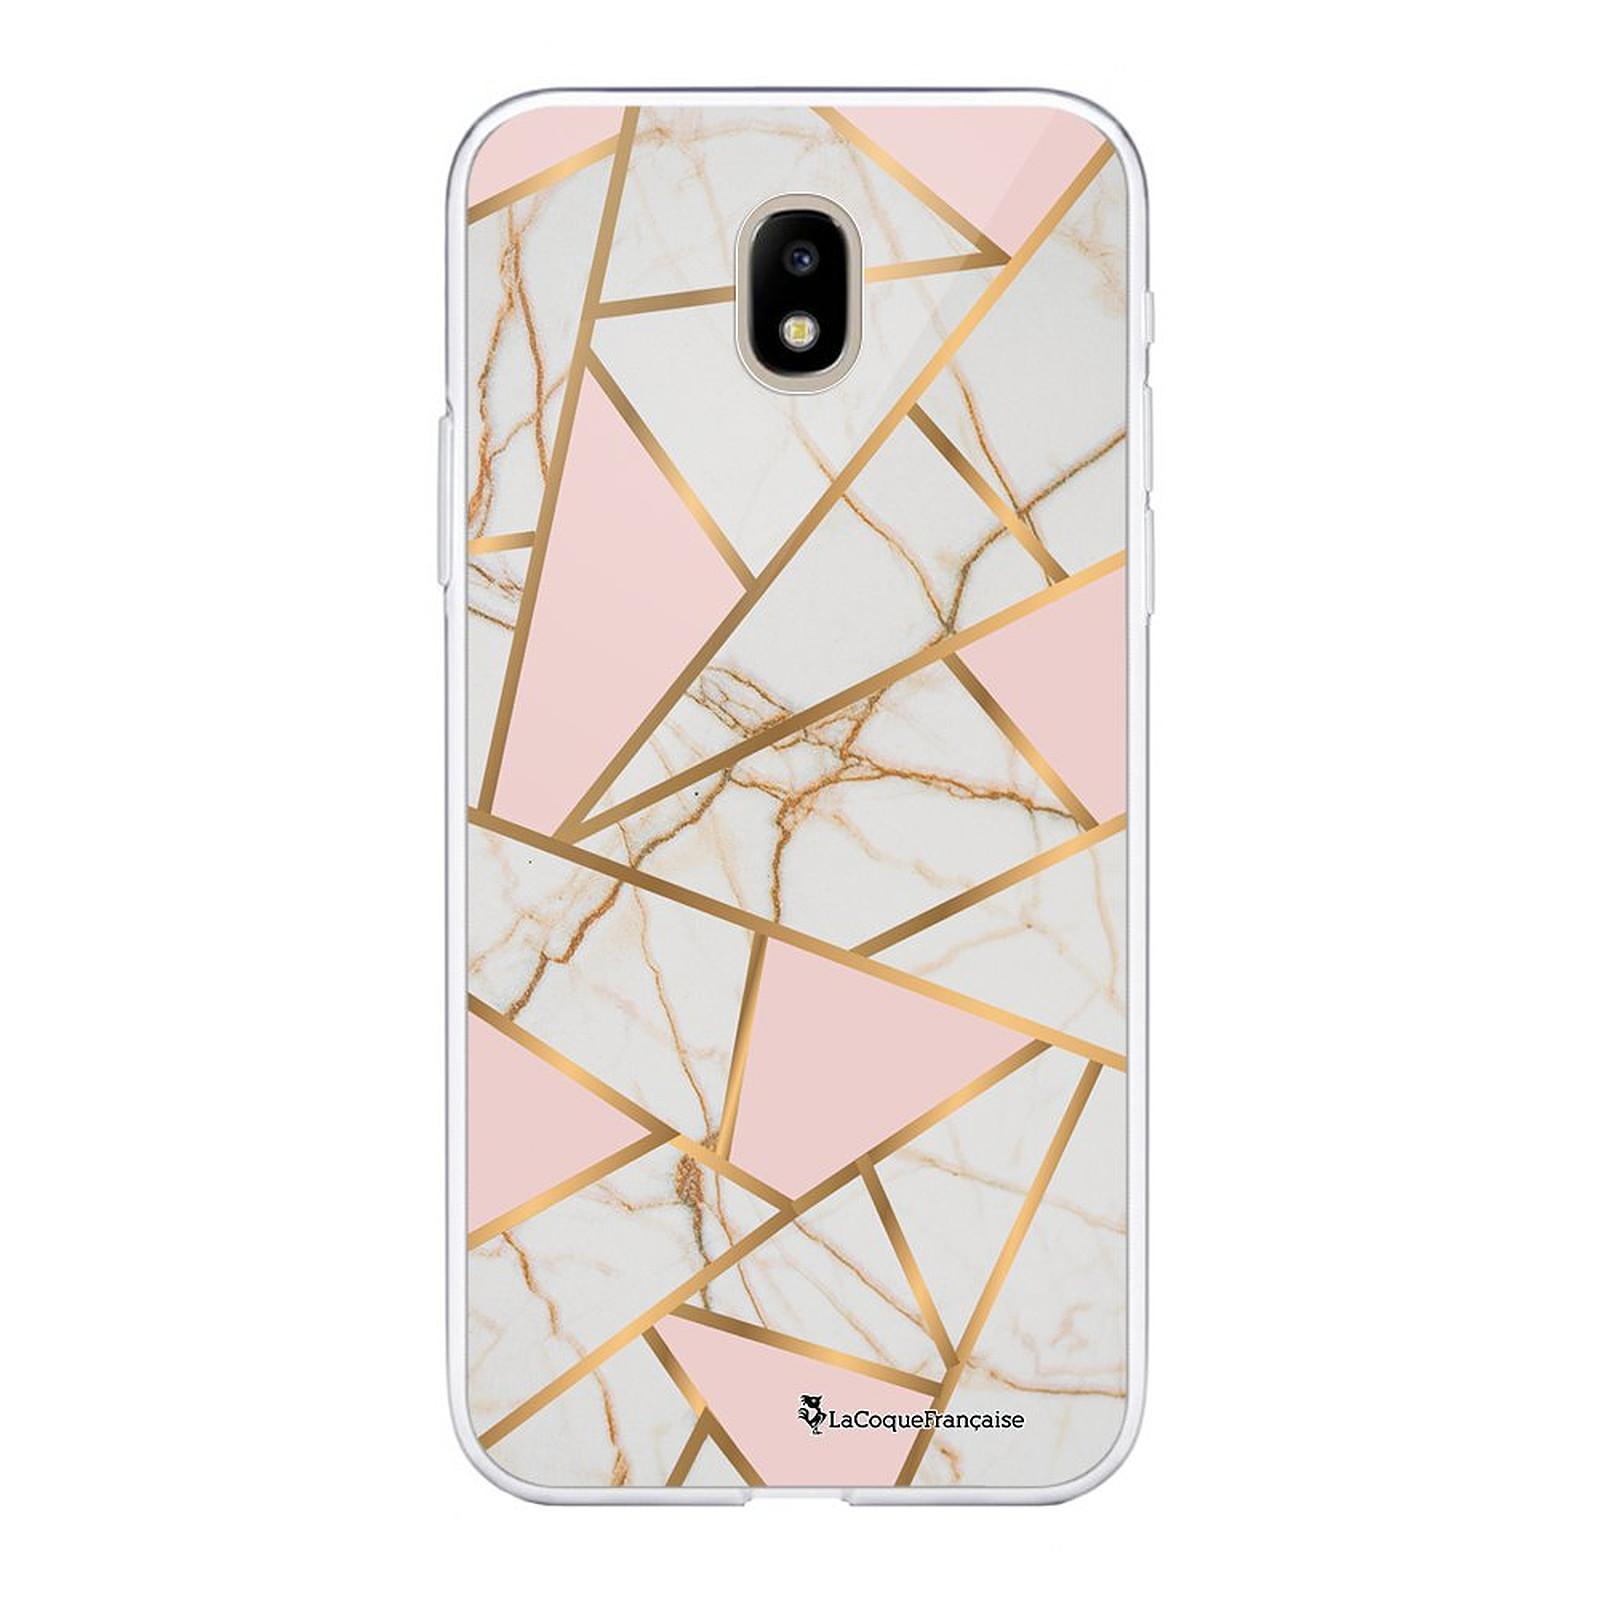 LA COQUE FRANCAISE Coque Samsung Galaxy J5 2017 souple transparente Marbre Rose - Coque téléphone LaCoqueFrançaise sur LDLC